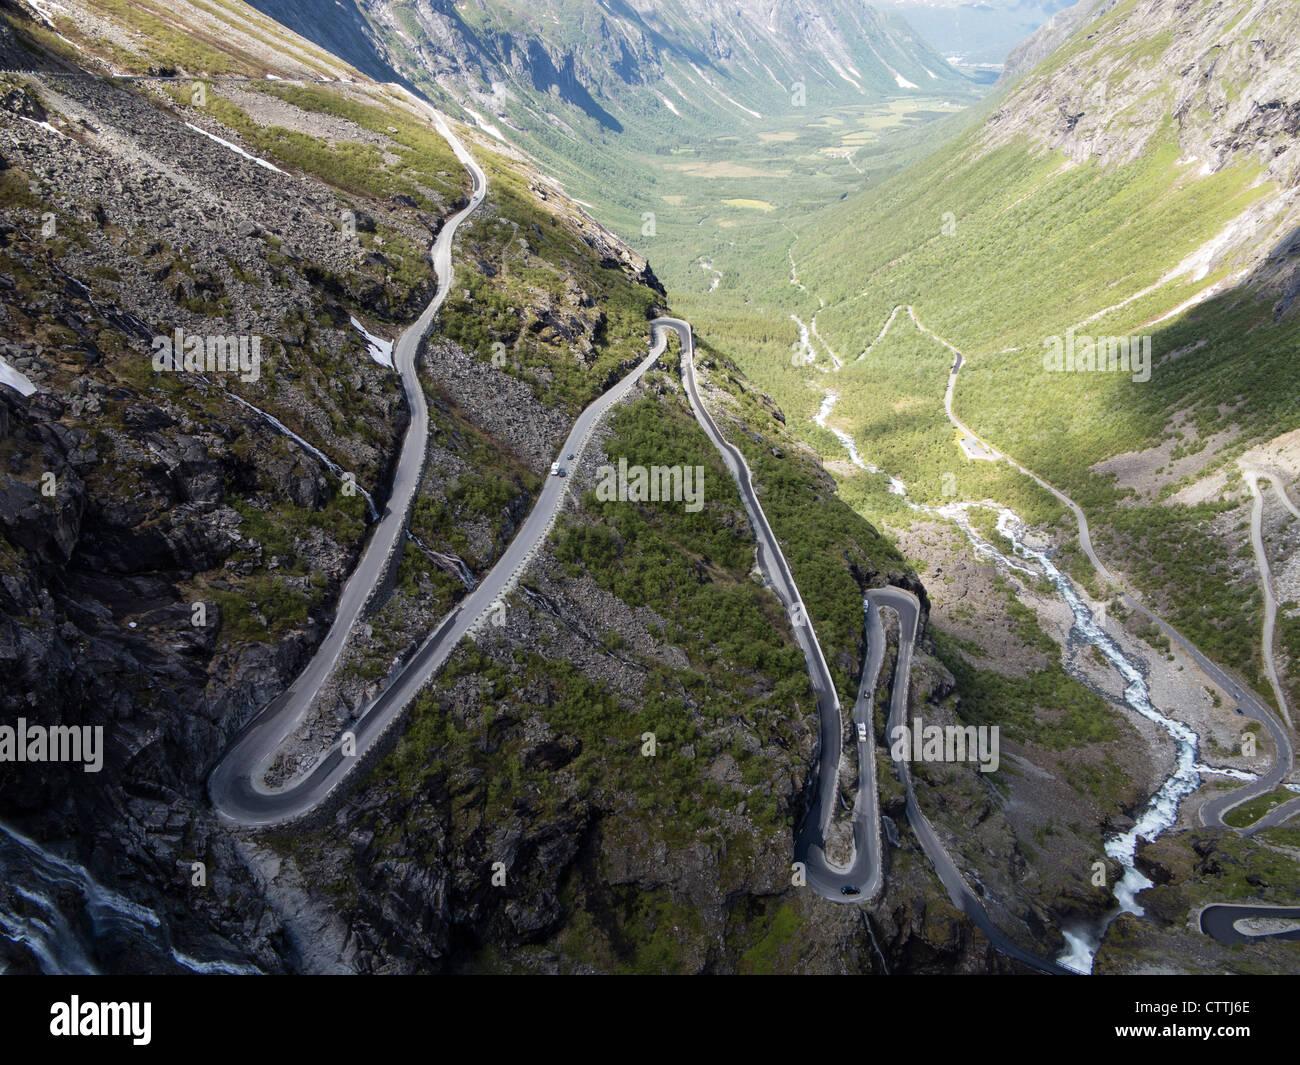 The Trolls Road Trollstigen hairpin bends Romsdal Norway - Stock Image